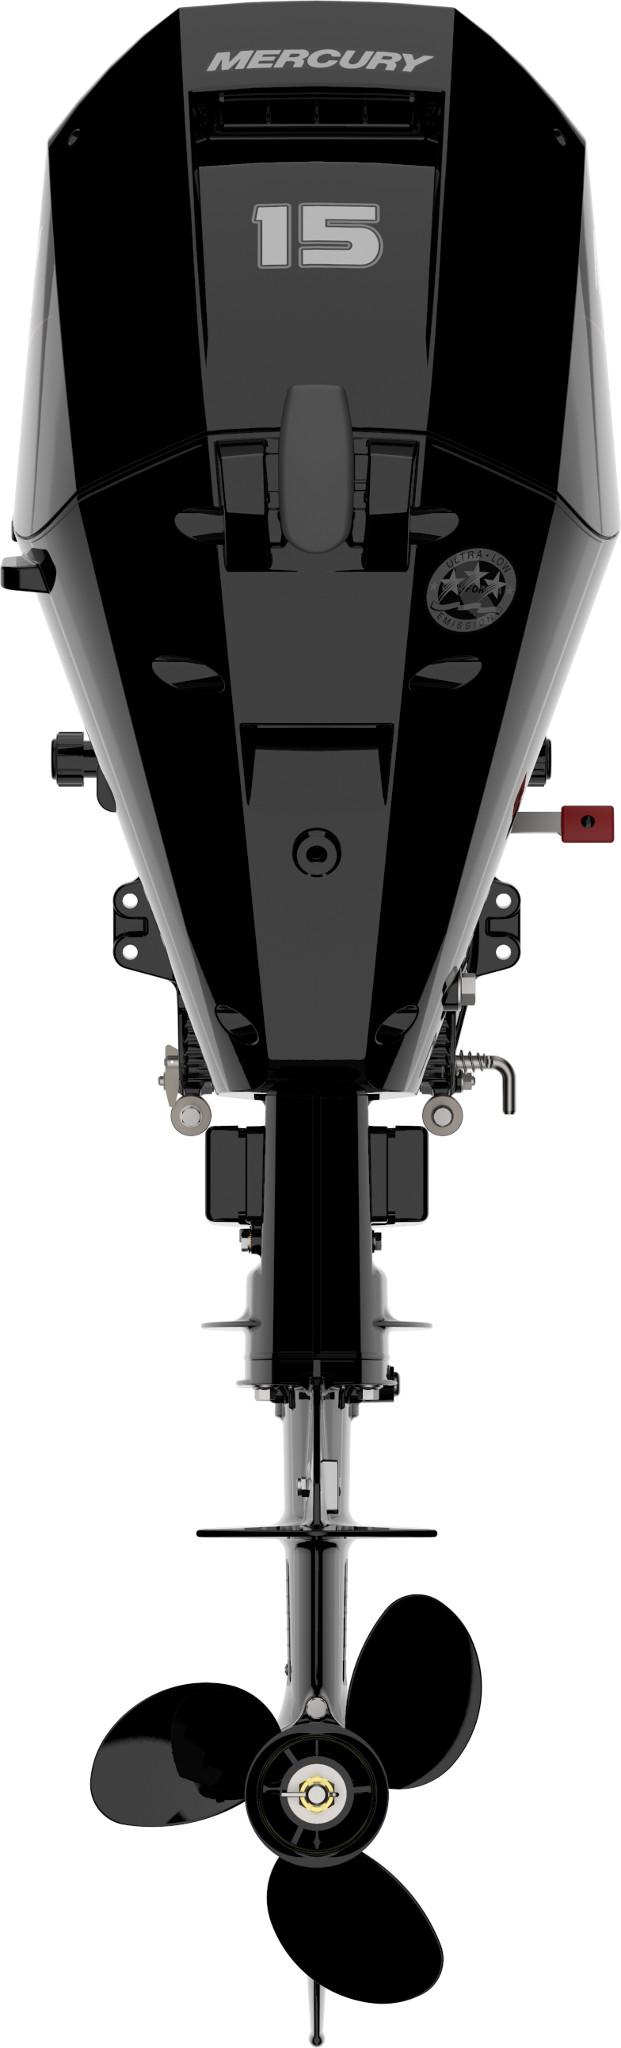 Четырехтактный лодочный мотор MERCURY F15EL EFI - 2